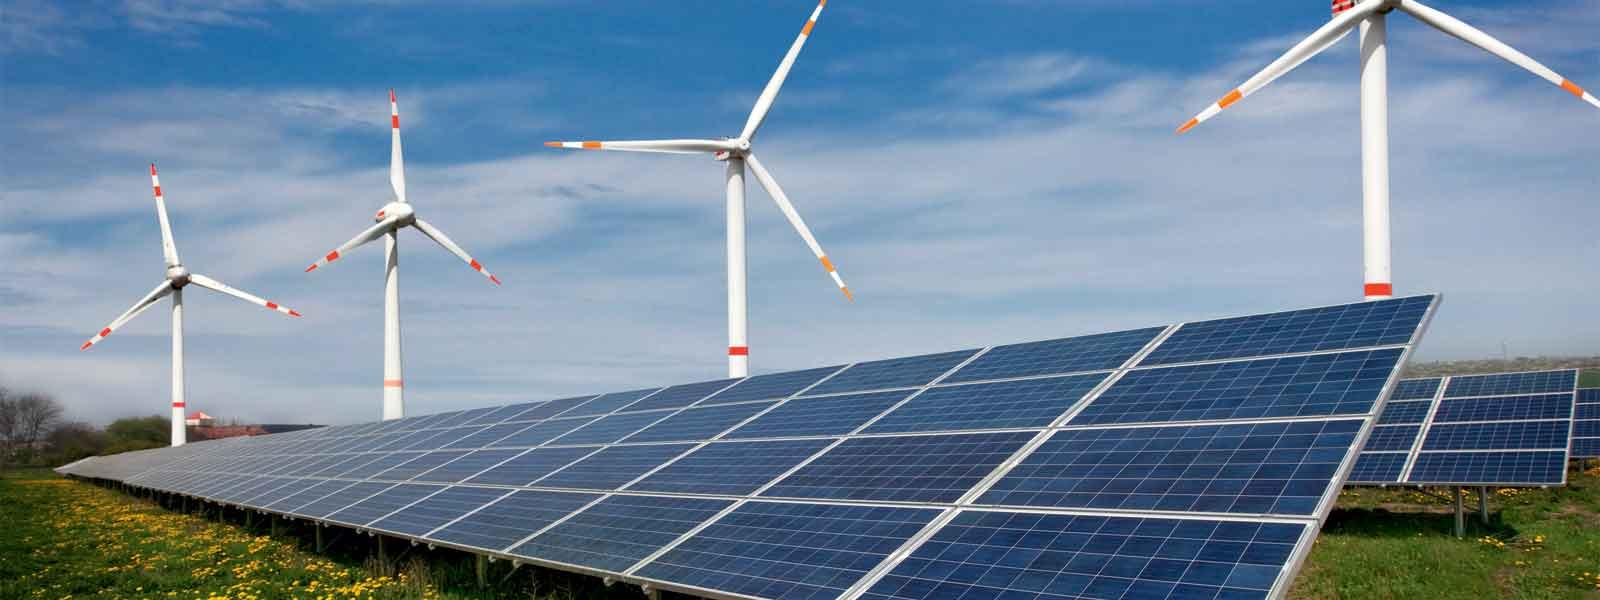 سیستم های هیبریدی خورشیدی و بادی